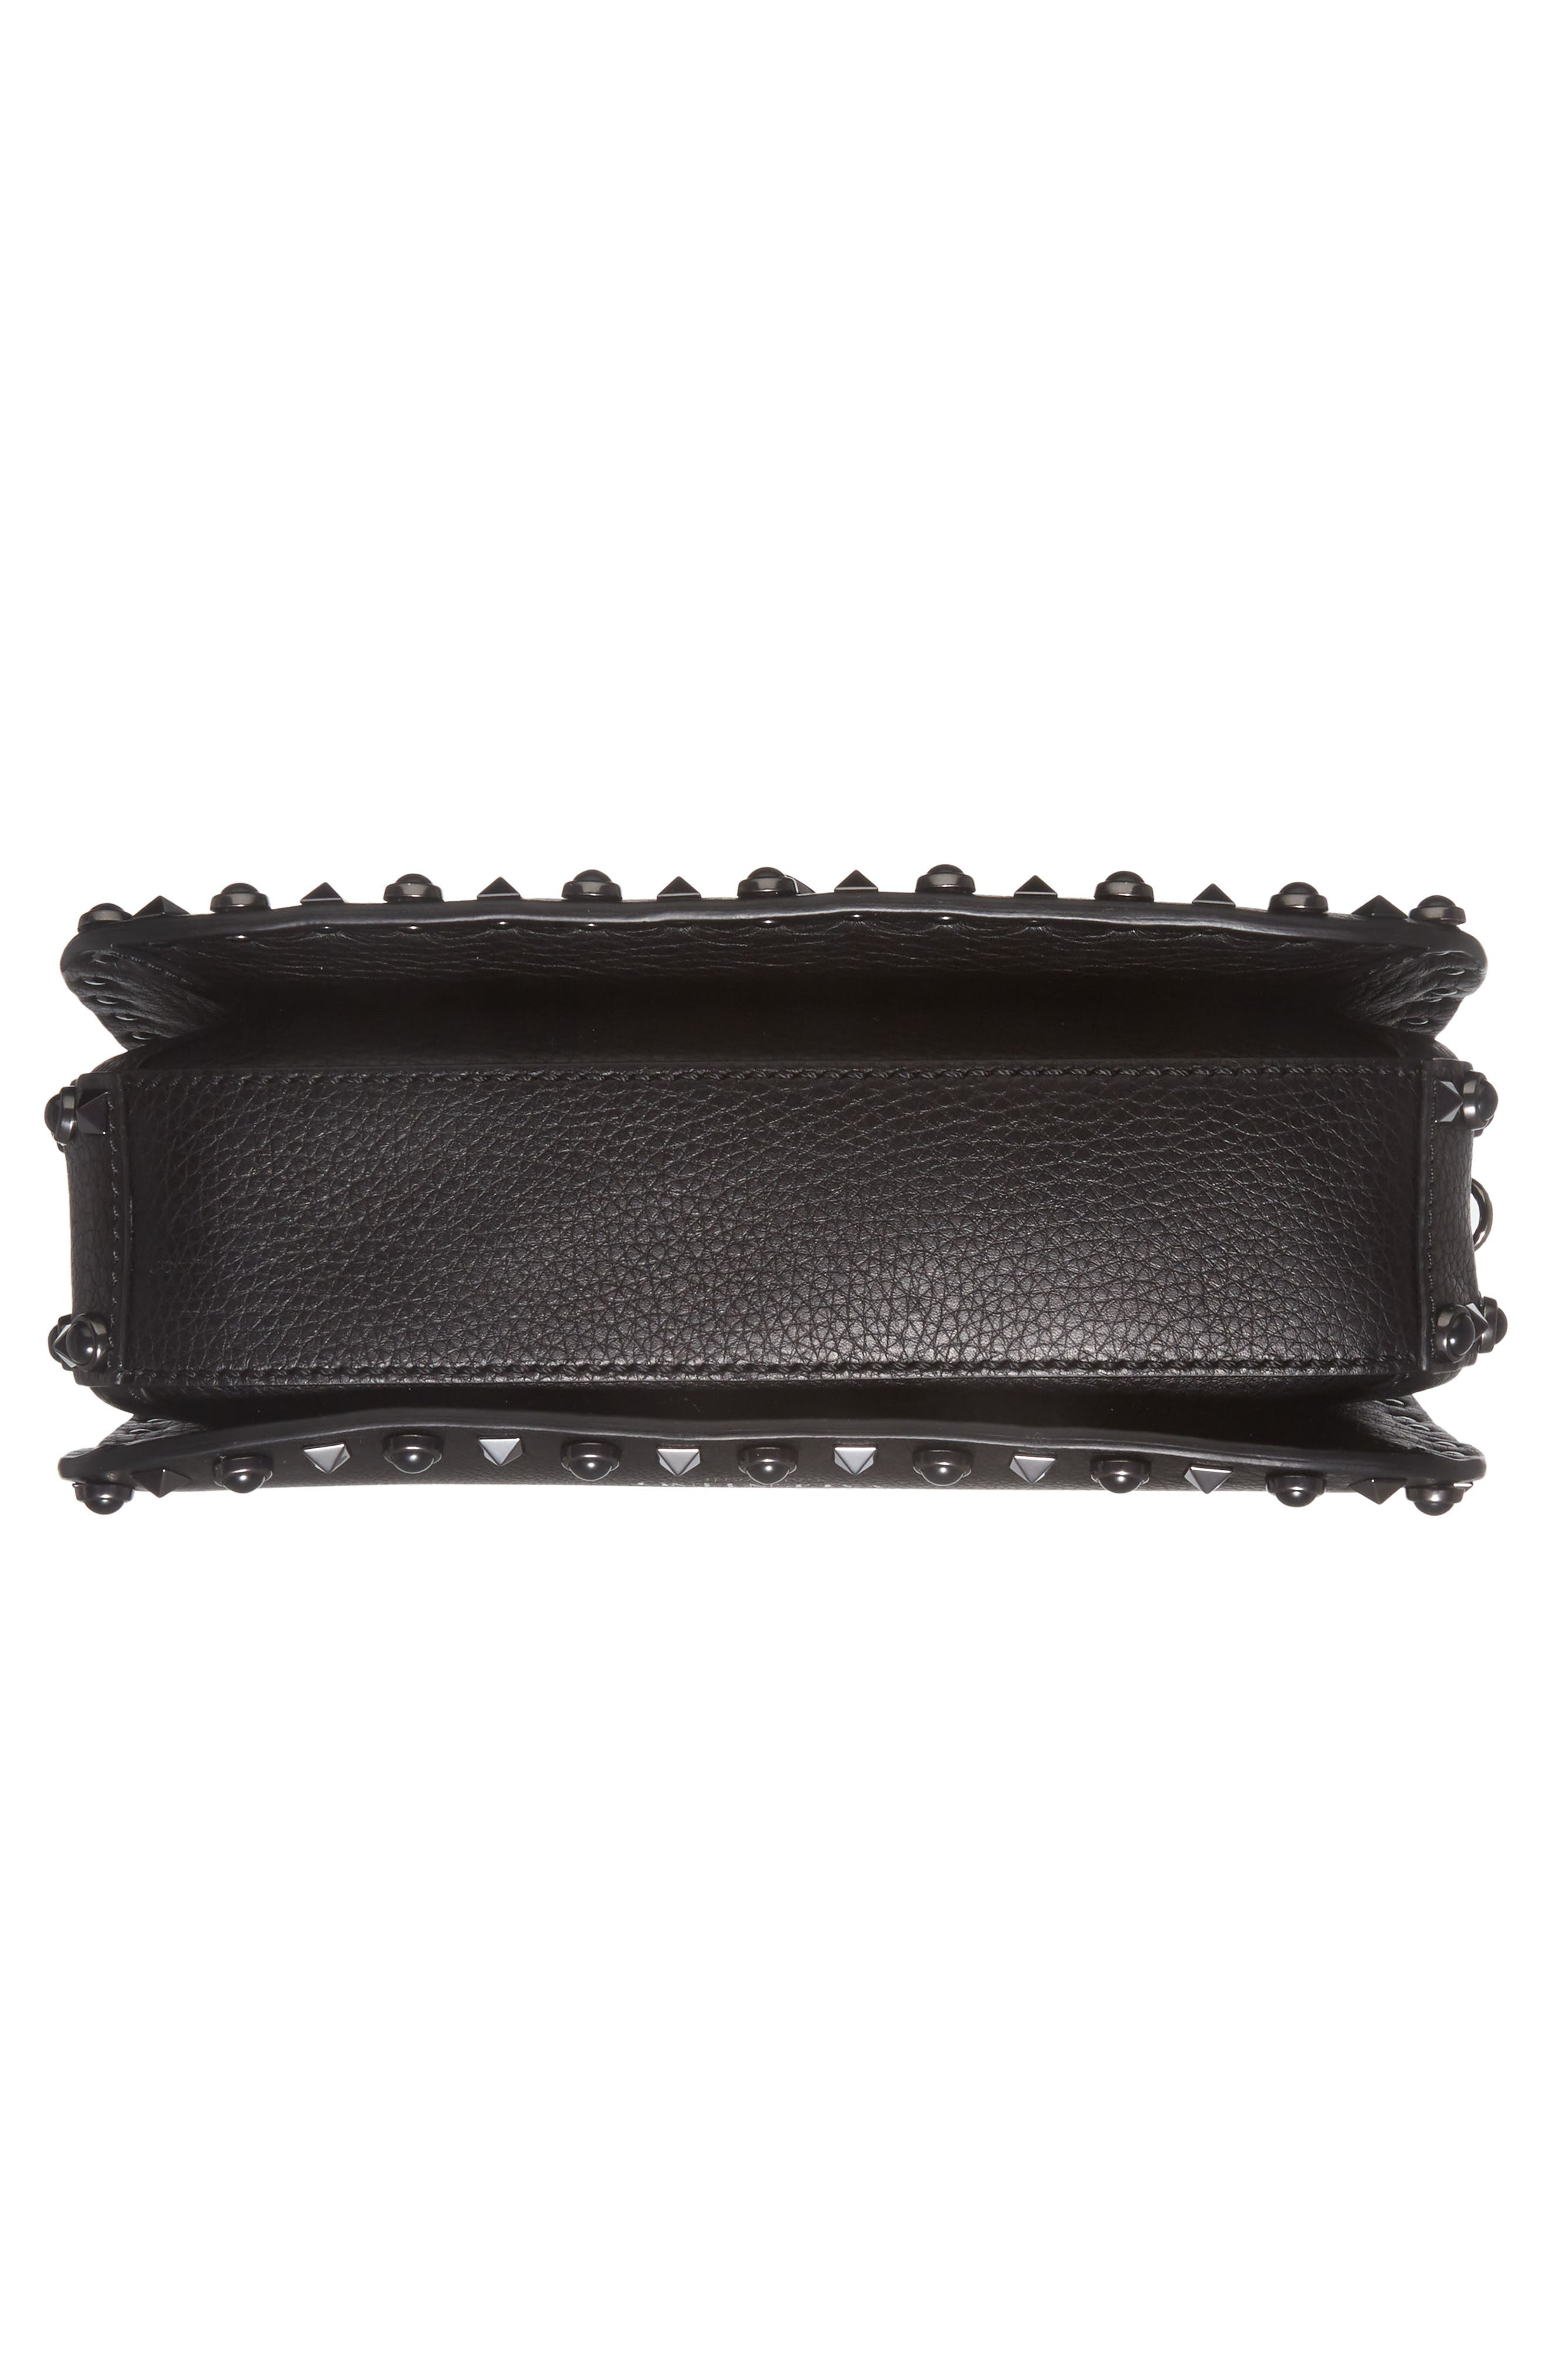 Rockstud Leather Shoulder Bag,                             Alternate thumbnail 6, color,                             Nero